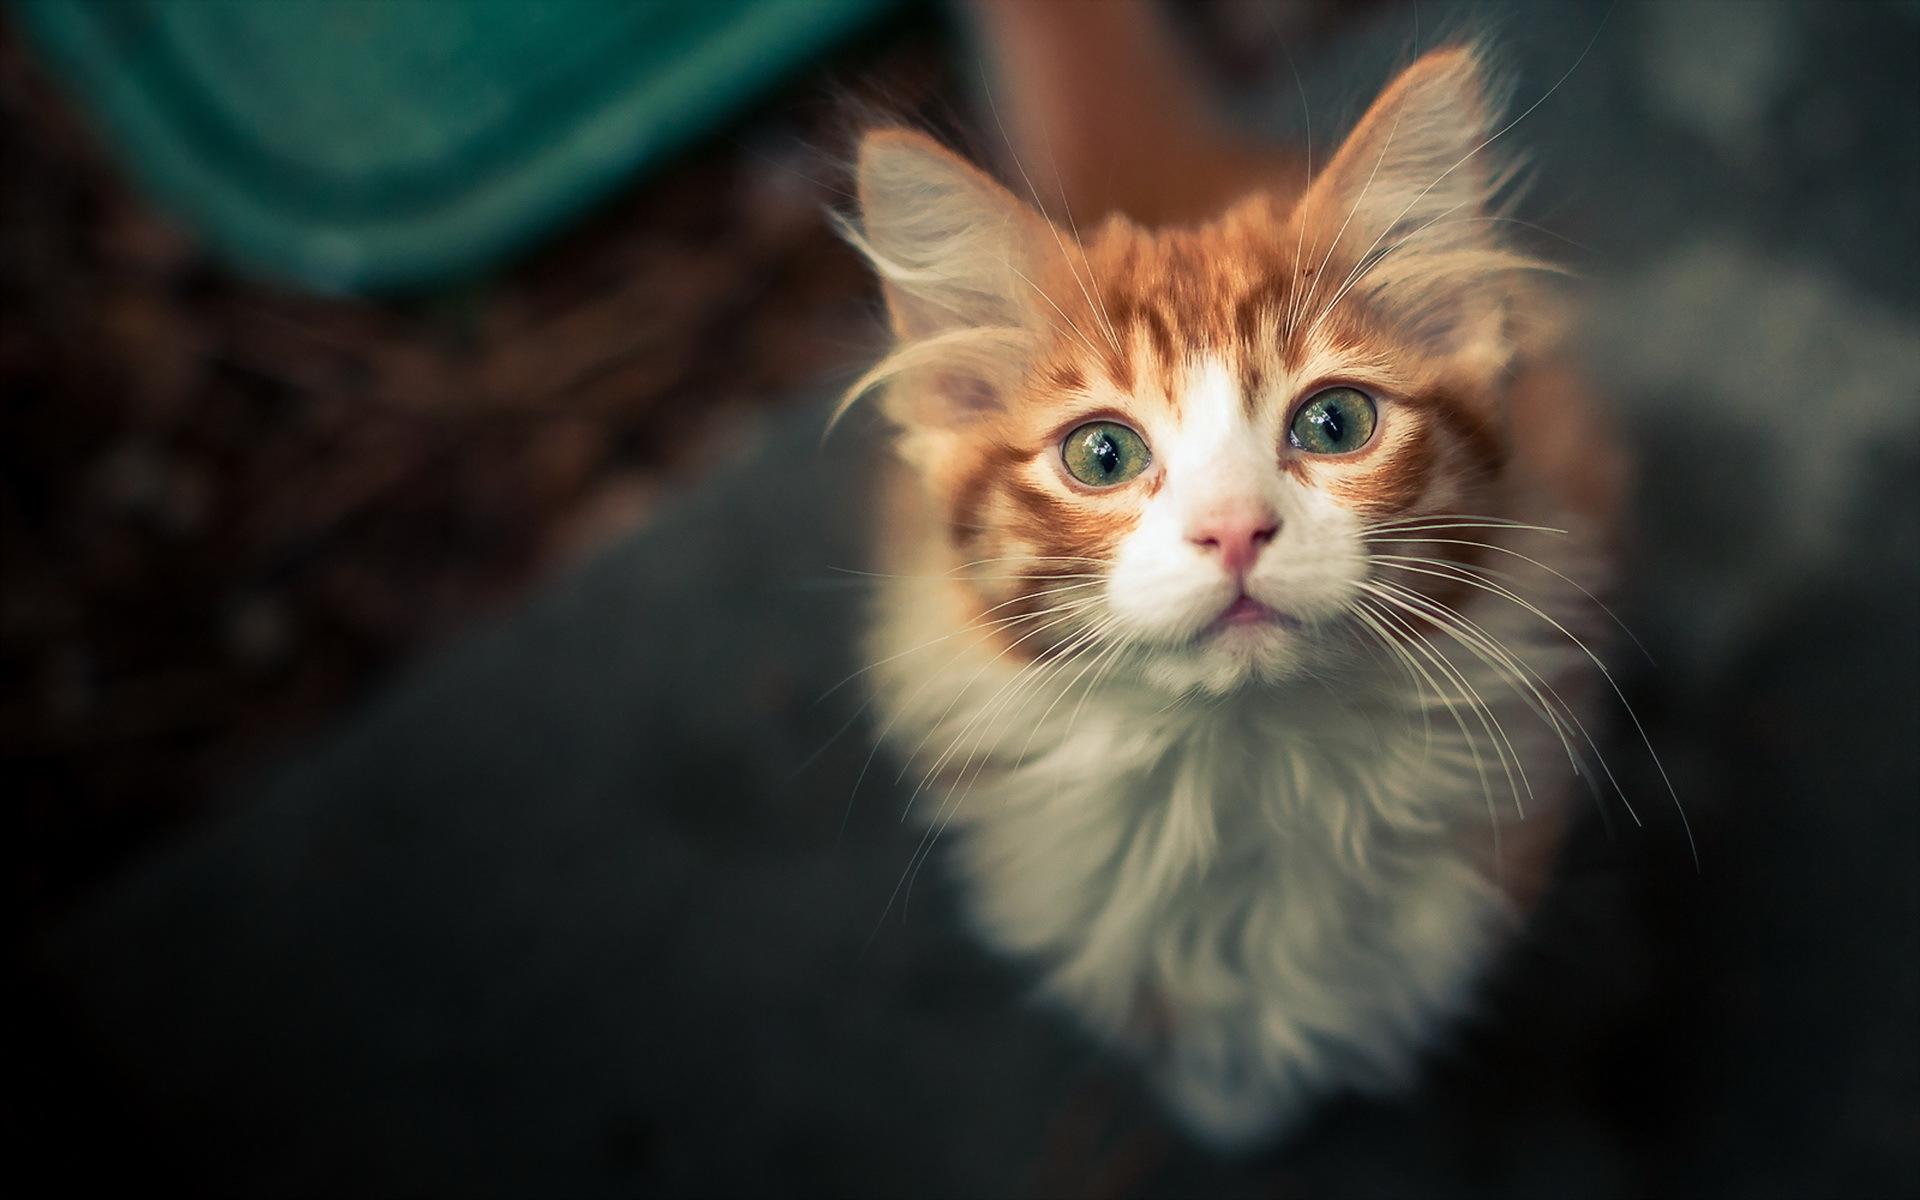 Котенок смотрящий вверх без смс